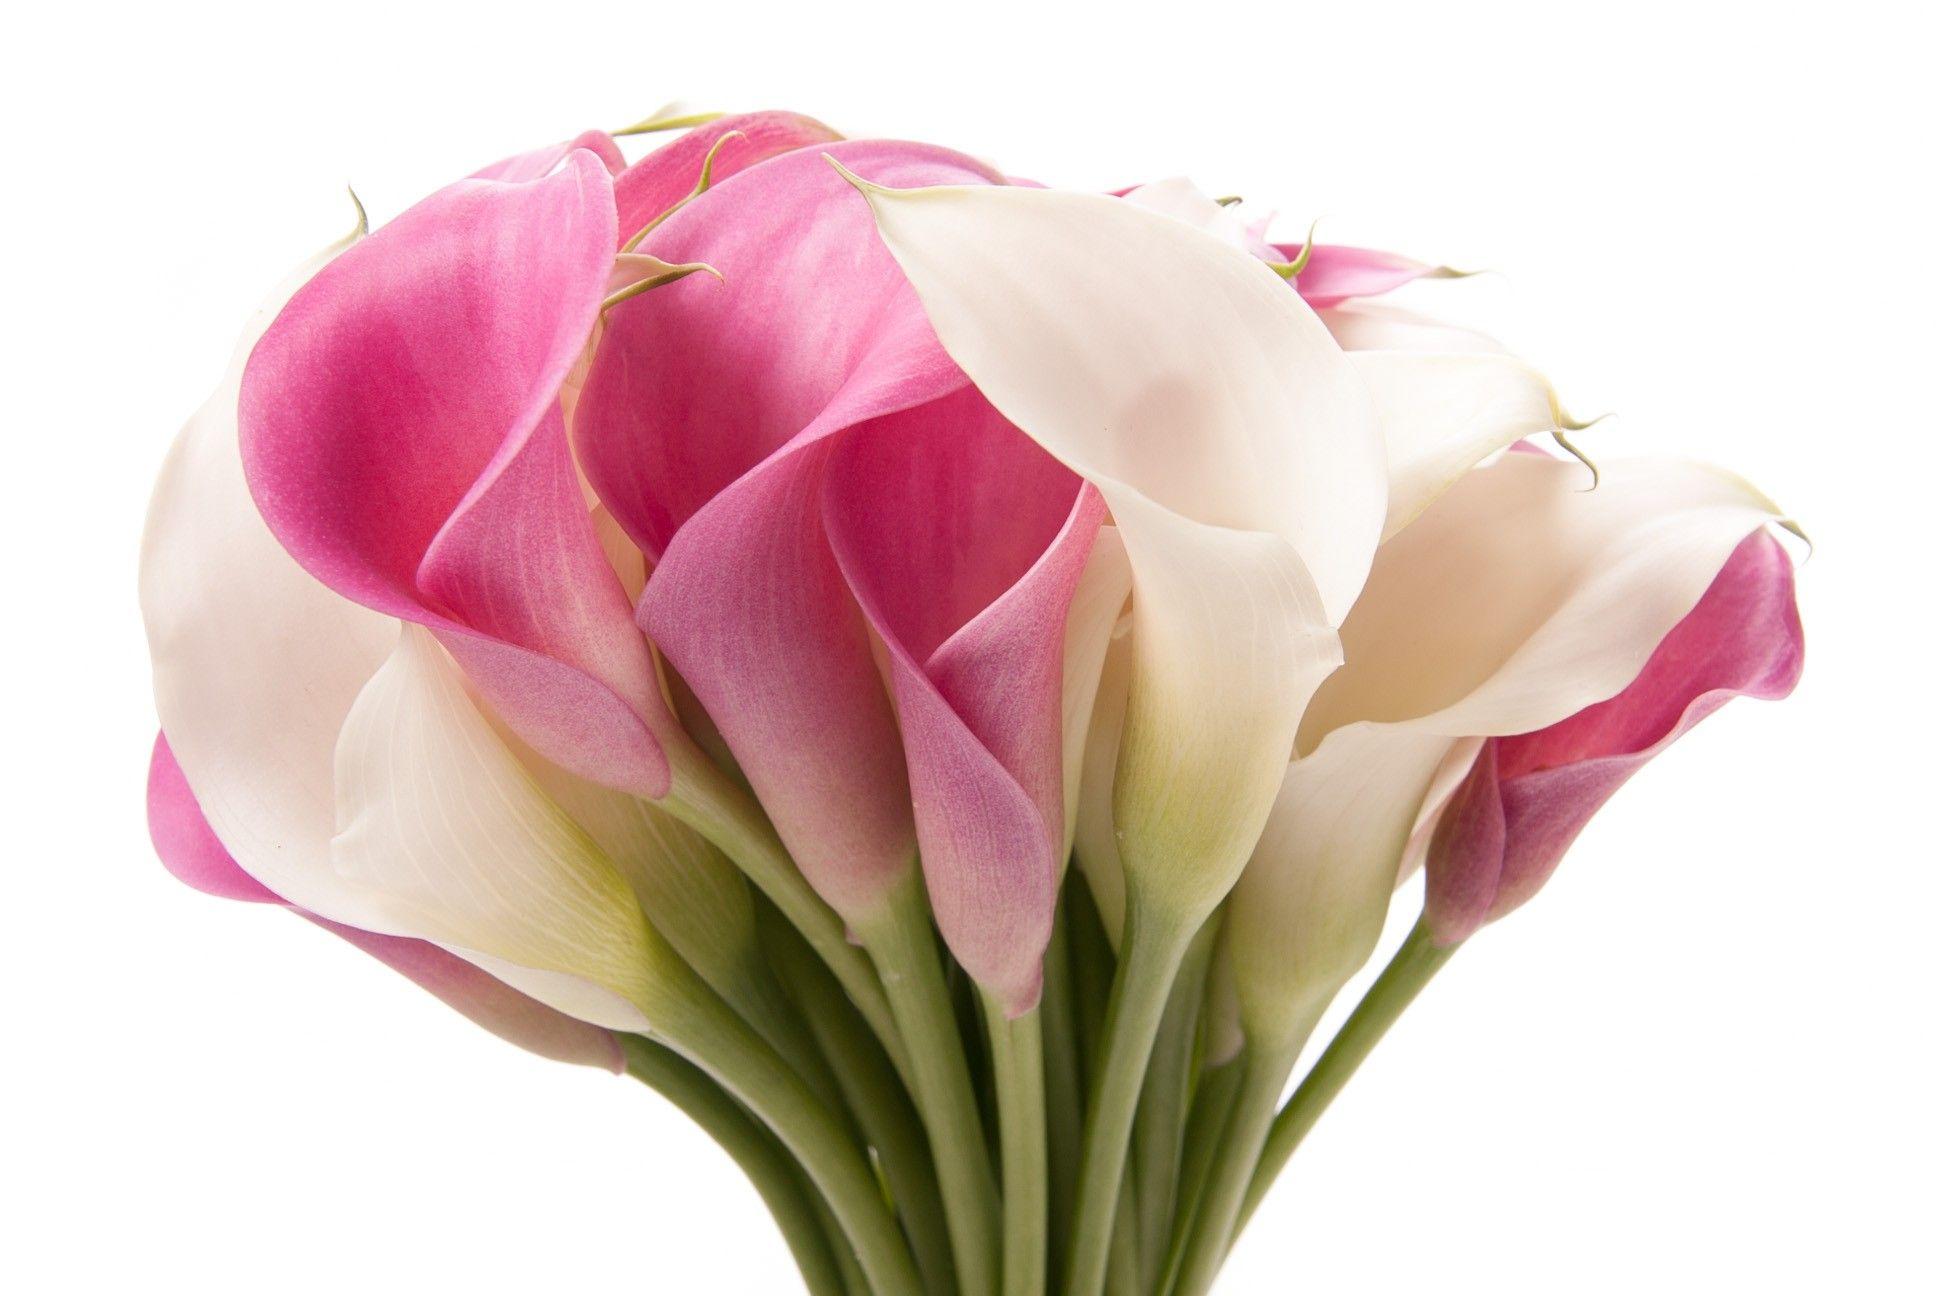 Pin By Vicky Williams On Calla Love Calla Lily White Calla Lily Bouquet Calla Lily Bouquet